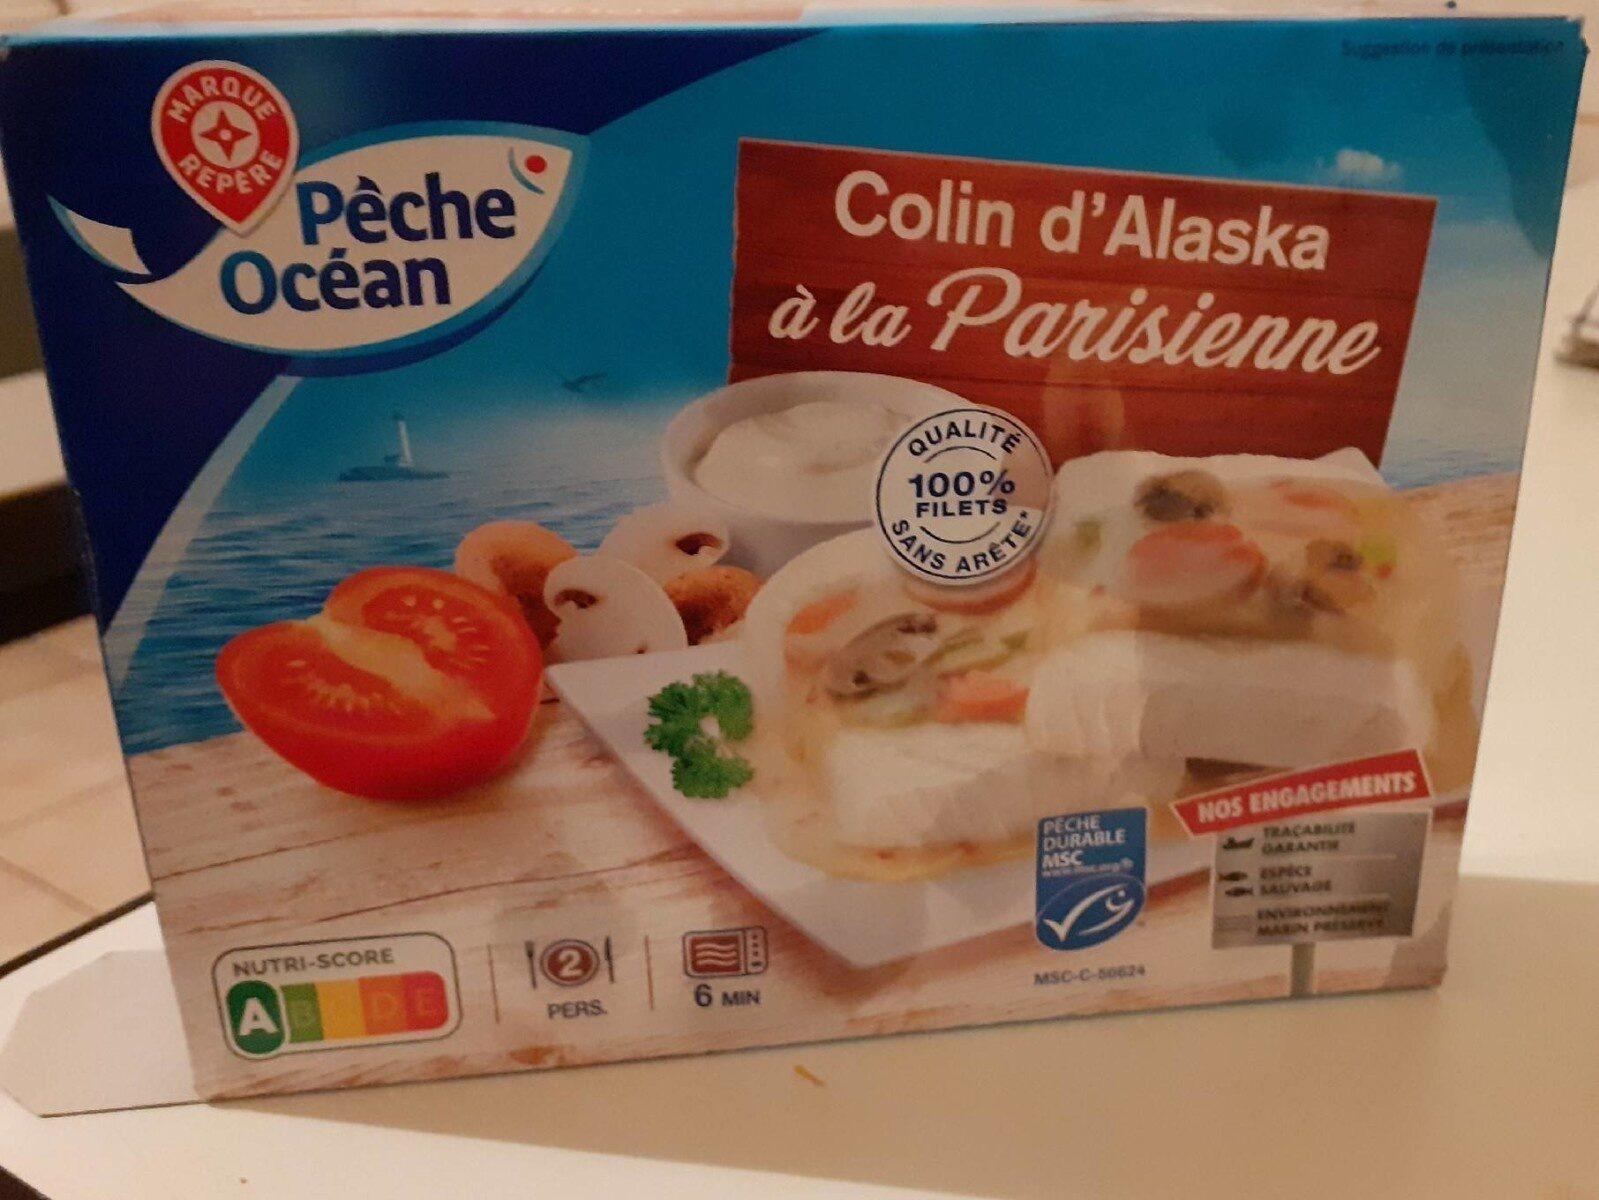 Colin d'Alaska à la Parisienne - Produit - fr